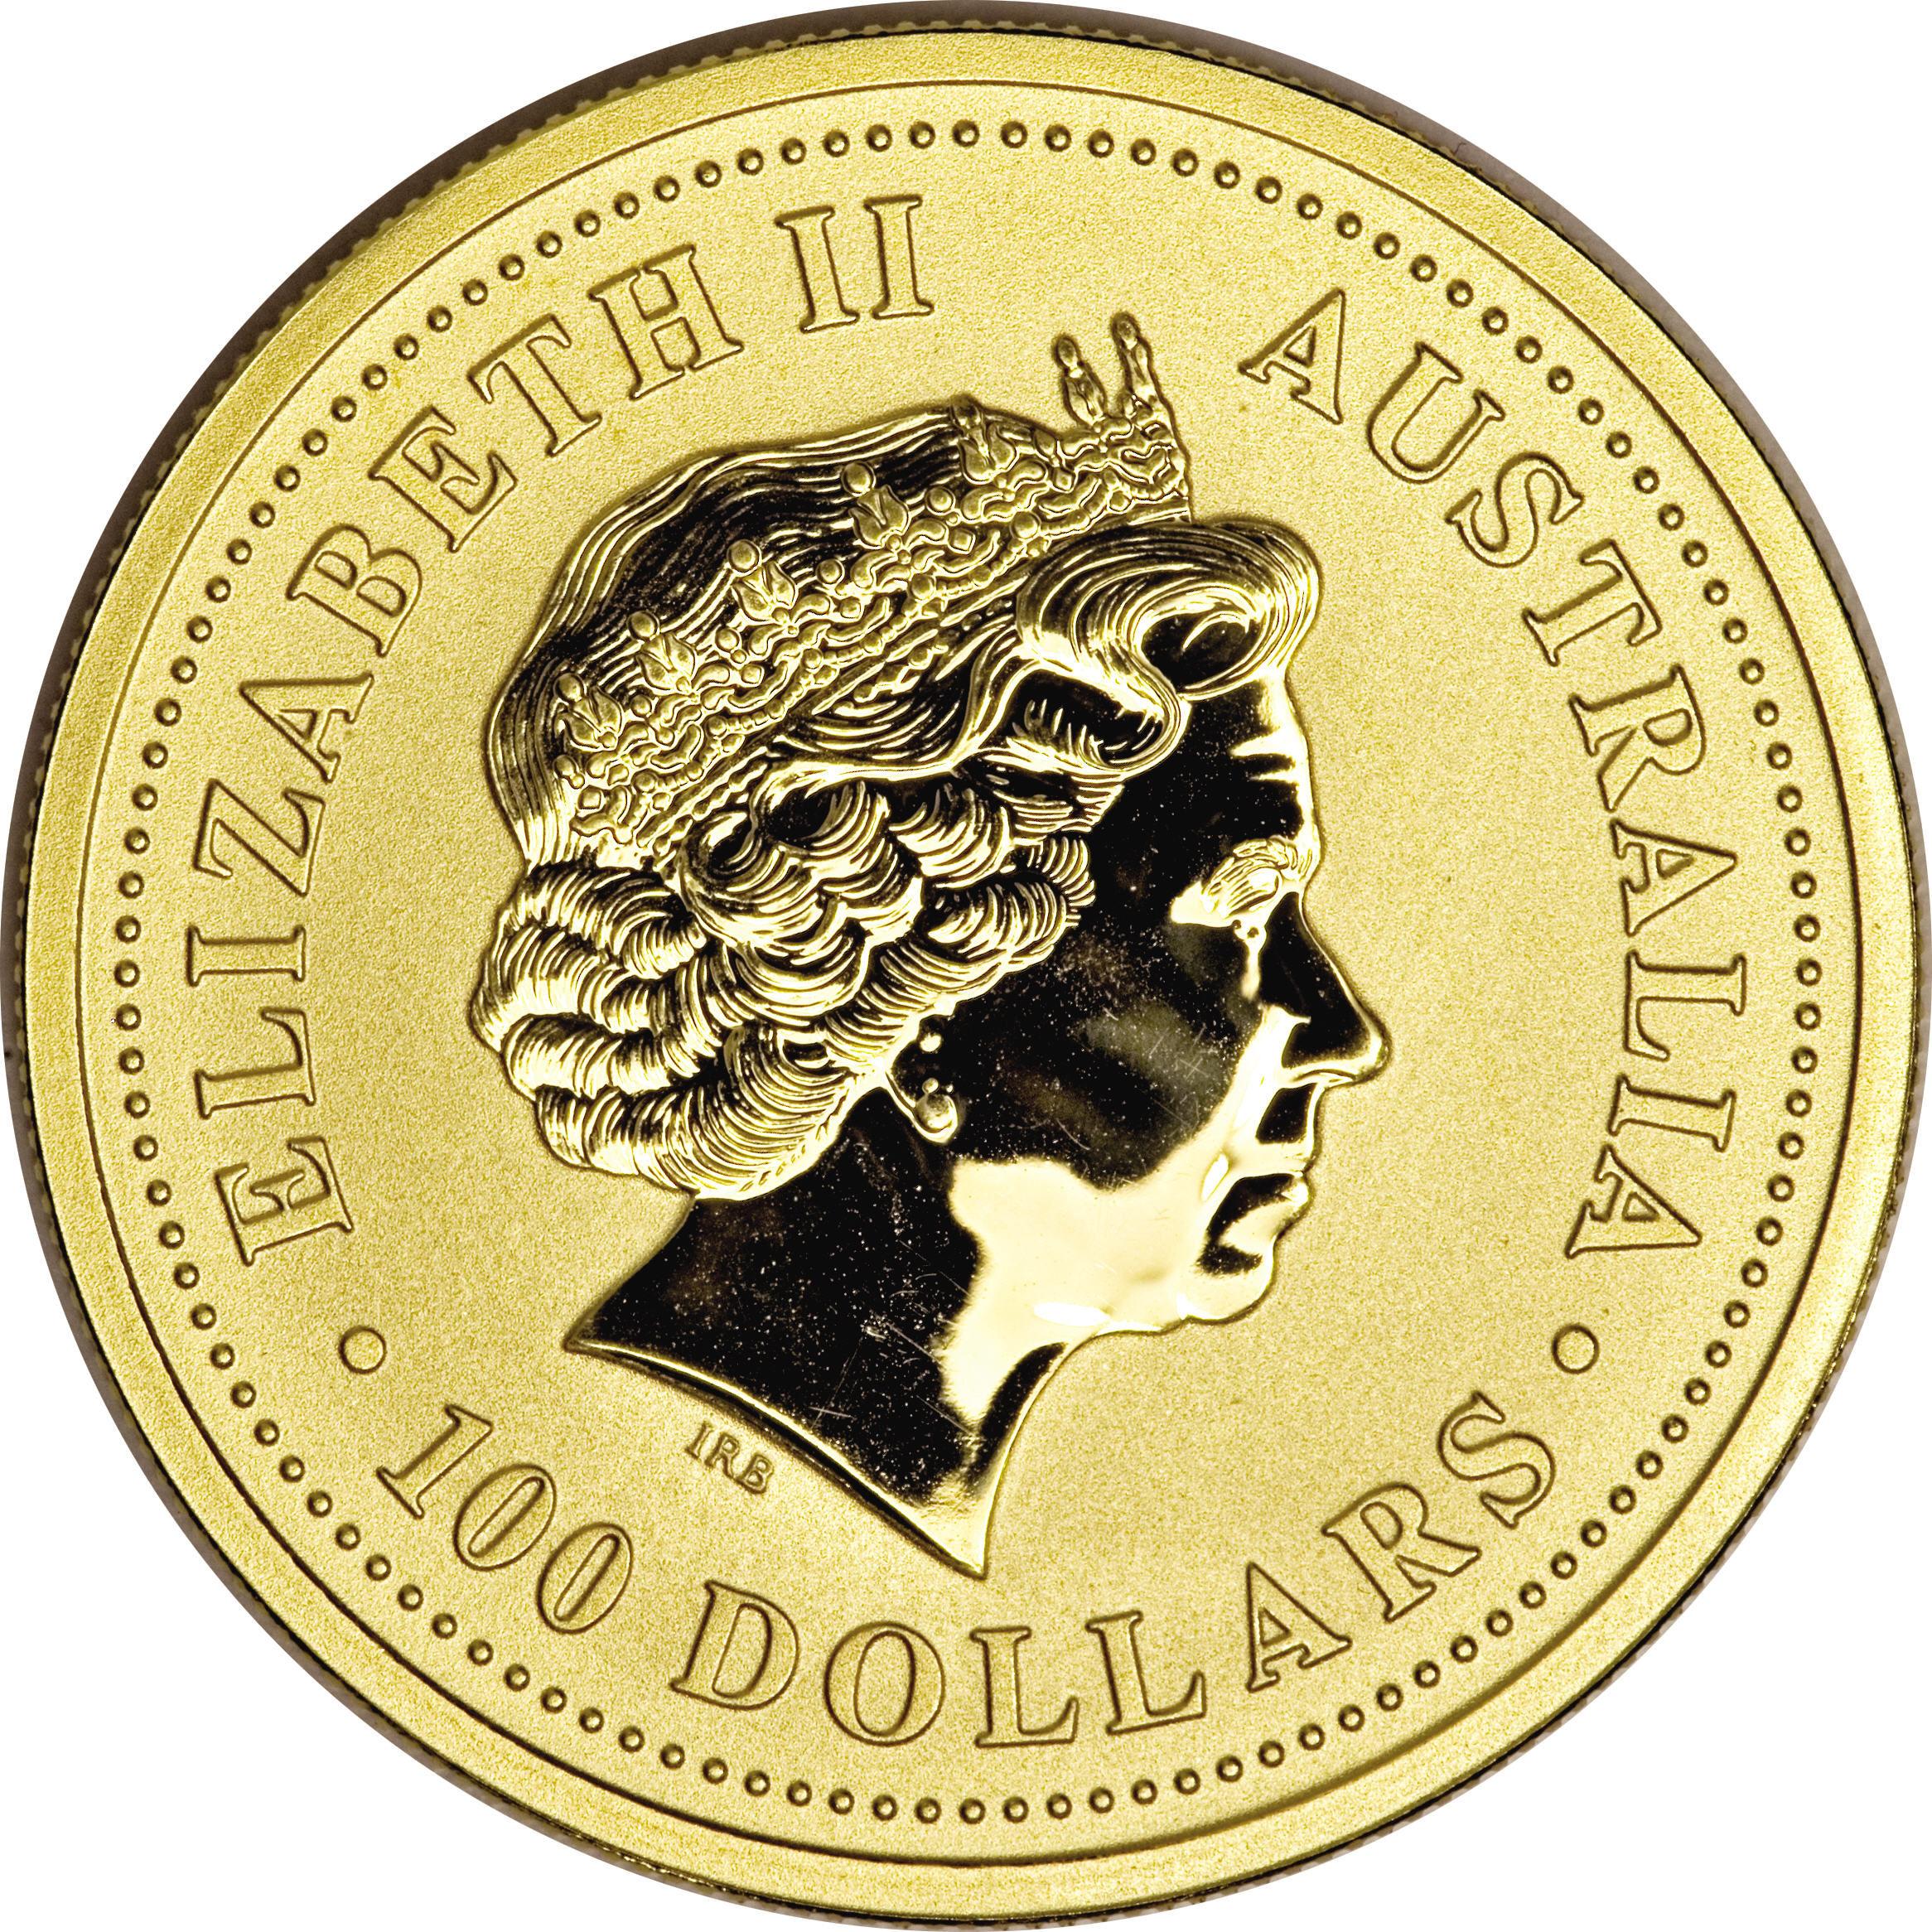 100 Dollars Elizabeth Ii Lunar Year Series Gold Bullion Coinage